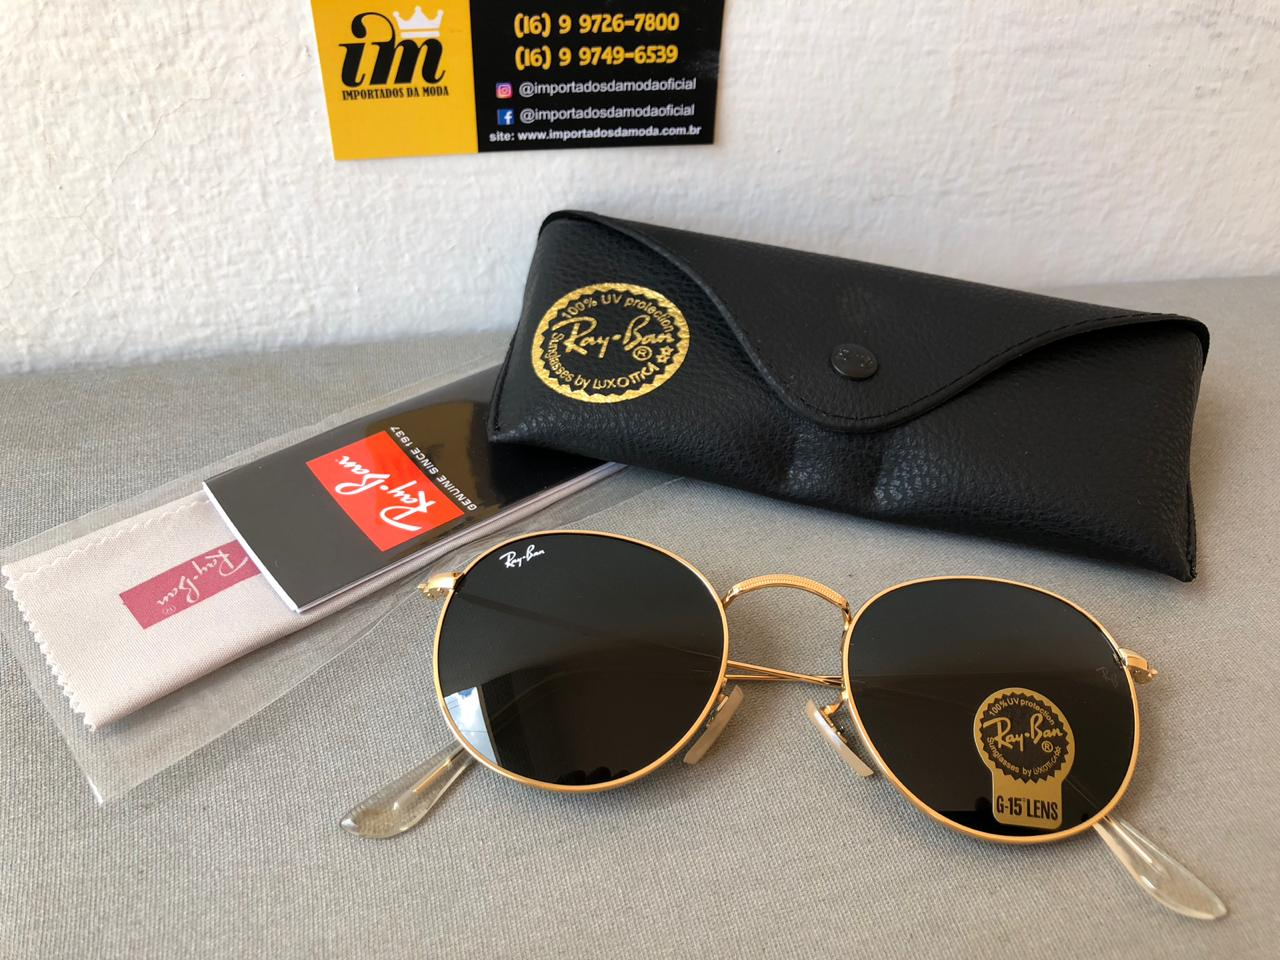 735f679db0 Ray Ban Round Dourado Preto Replica Primeira Linha Premium